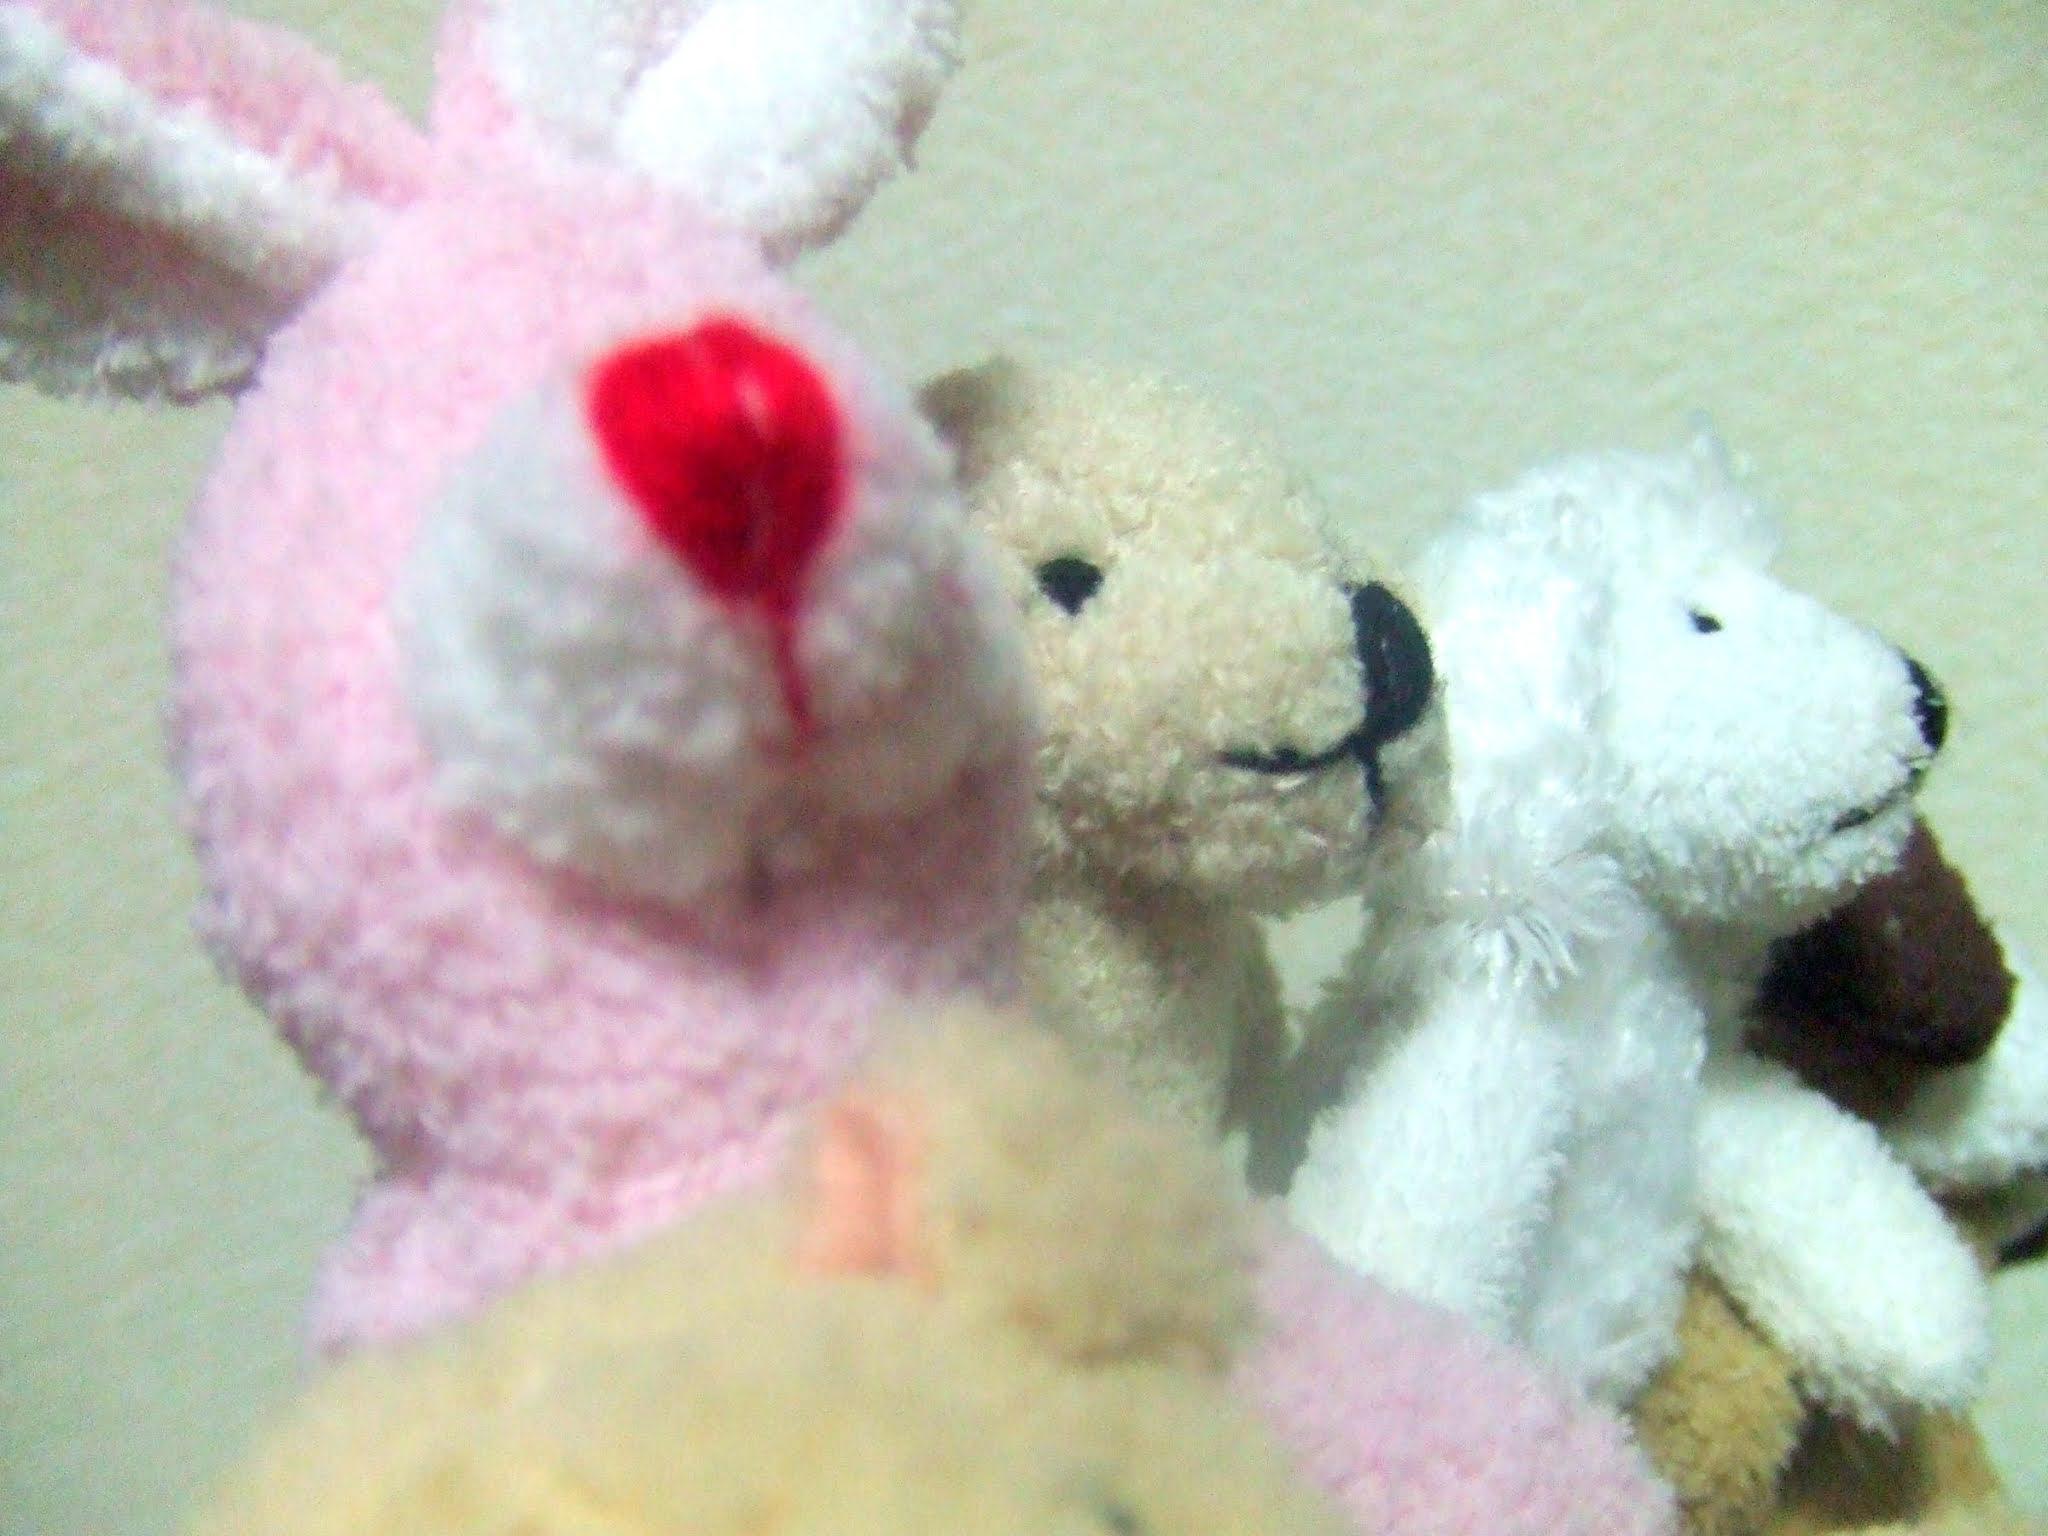 ウサギ、イヌ、ブタ、クマのぬいぐるみの指人形の写真素材です。とても仲がよくかわいい雰囲気なので、子供向けブログのブログカードなどに向いていると思います。